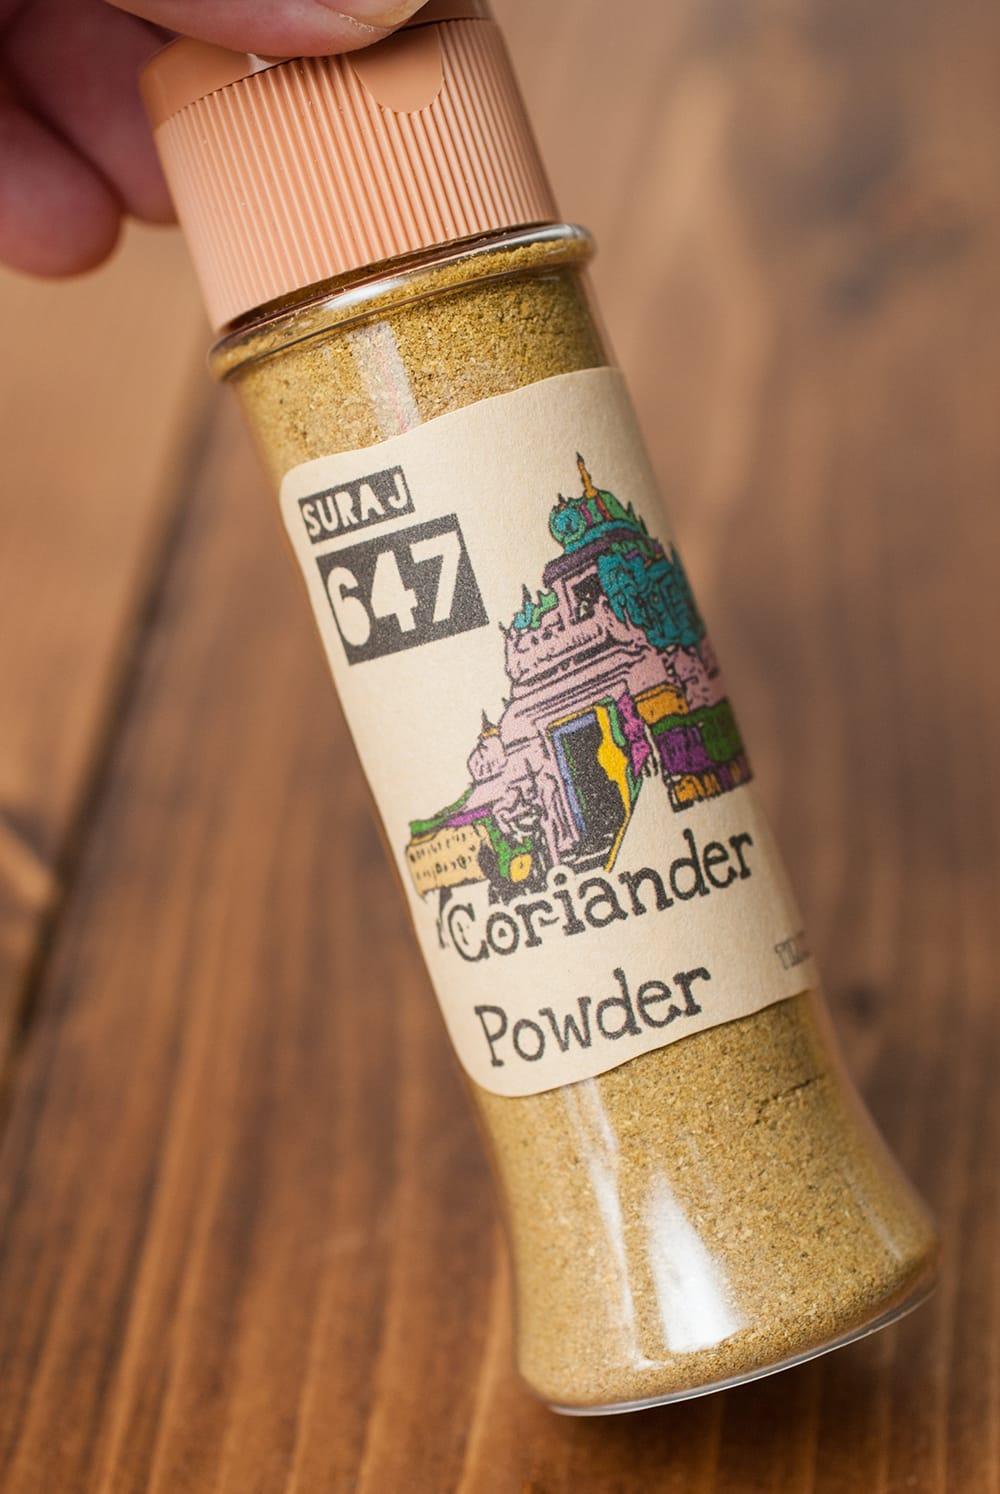 コリアンダーパウダー Coriander Powder 【50g ボトル】 3 - 使いやすいパッケージ入り!